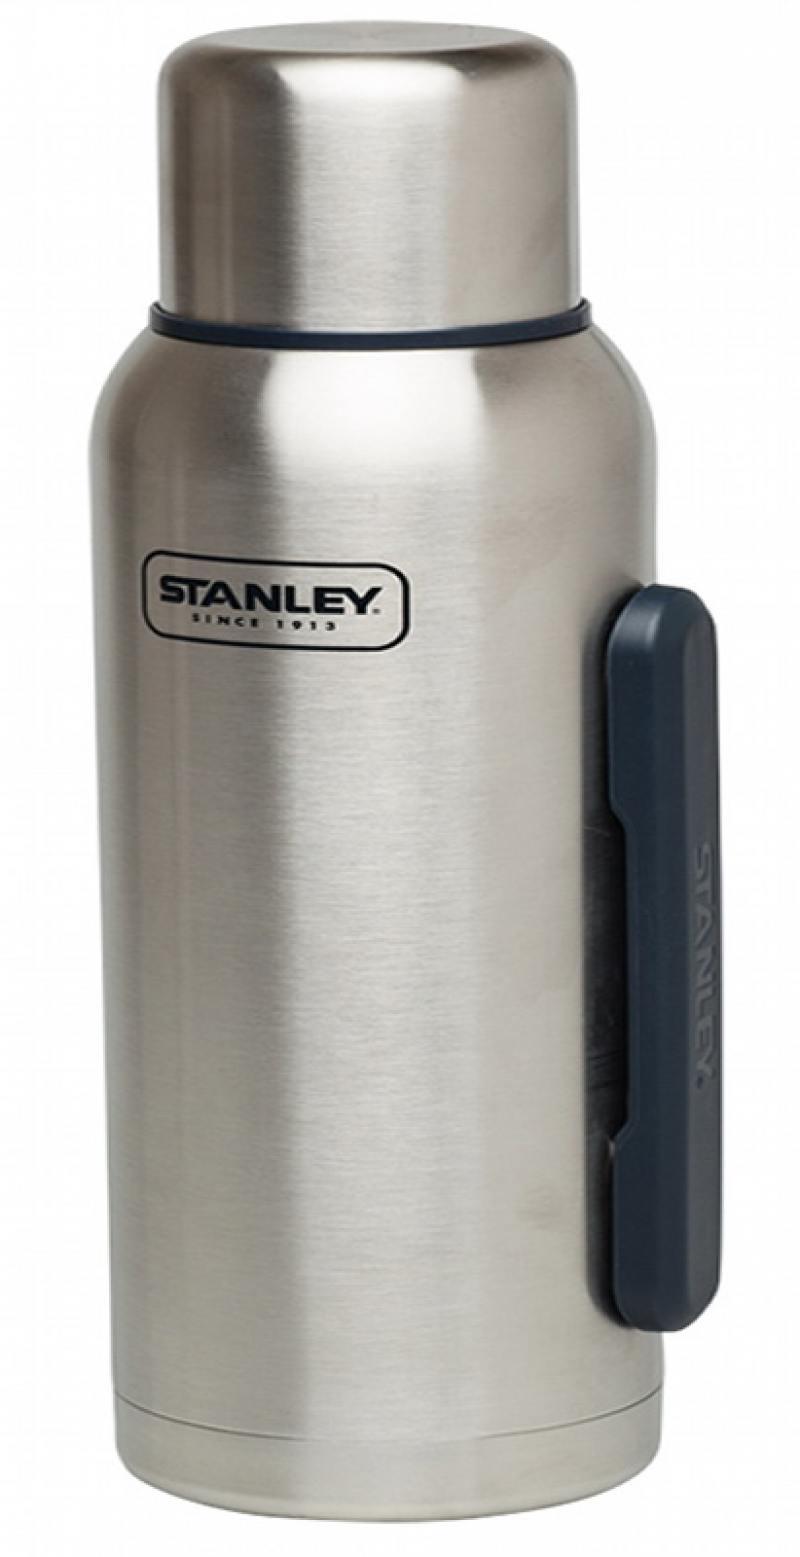 Термос Stanley Adventure 1.3л серебристый 10-01603-002 штангенциркуль stanley 0 150mm 36 101 23 0 300mm 36 102 23